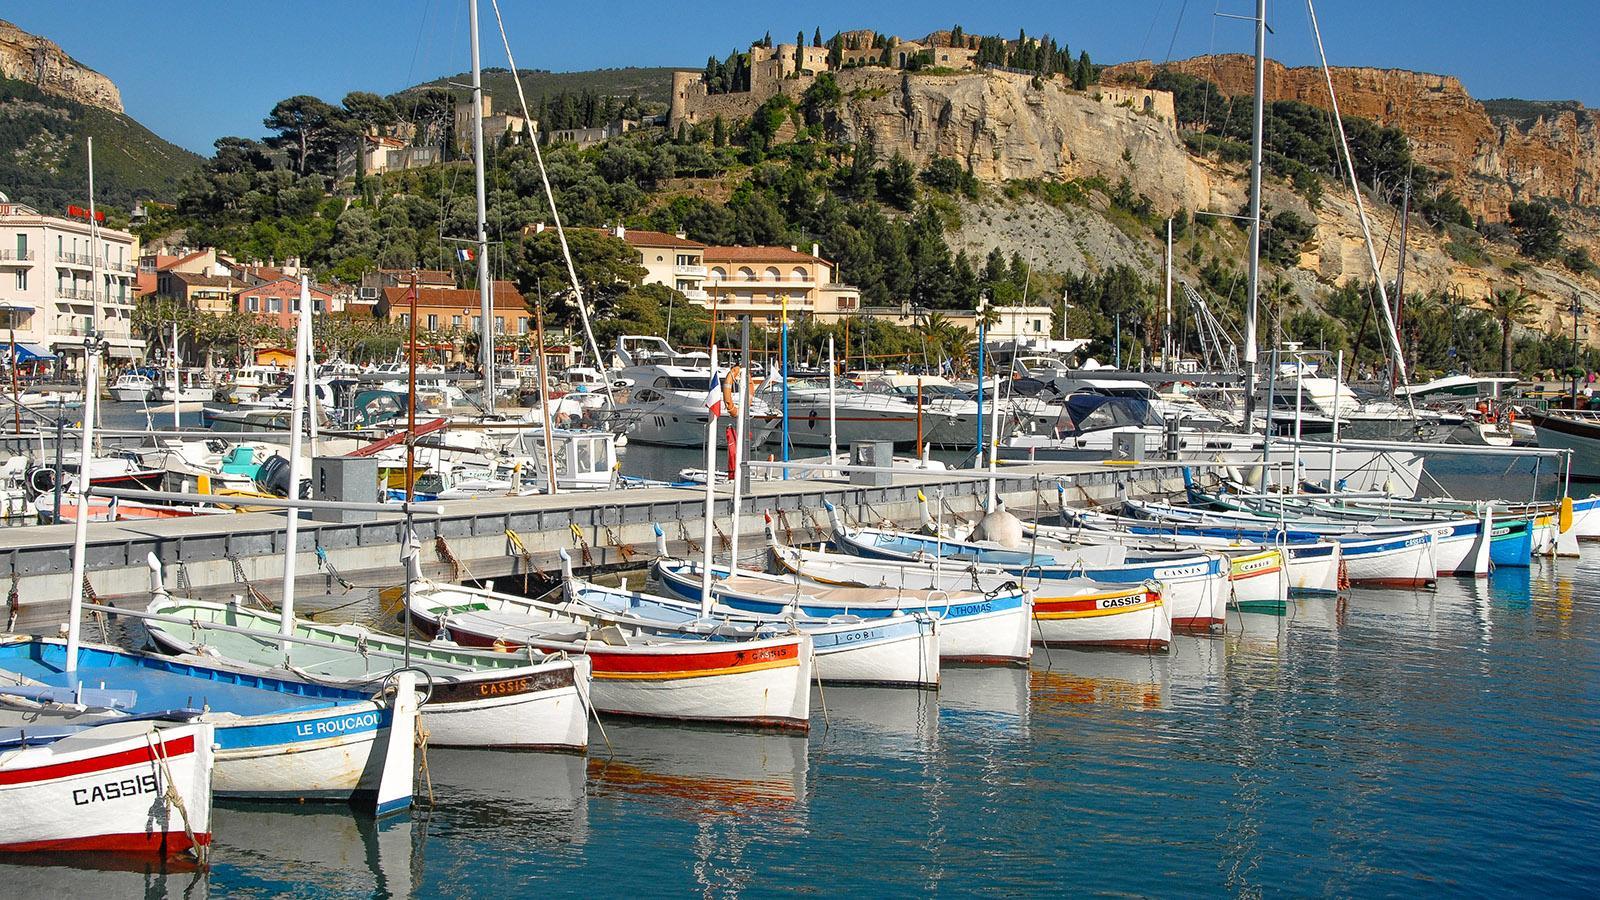 Pointus im Hafen von Cassis. Foto: Hilke Maunder